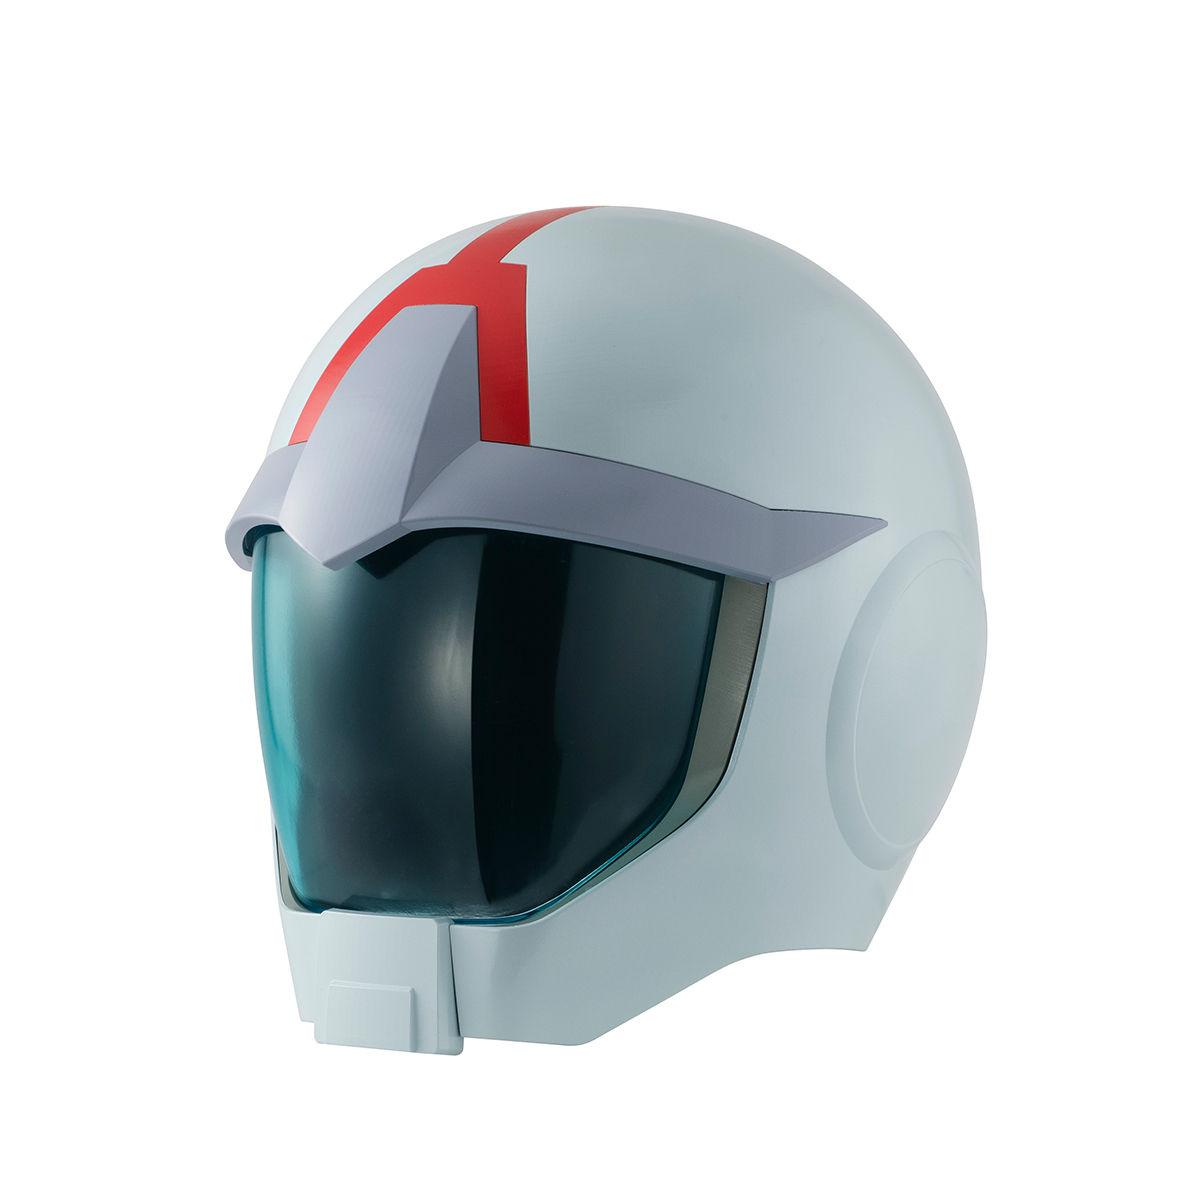 【限定販売】Full Scale Works『地球連邦軍ノーマルスーツ専用ヘルメット』機動戦士ガンダム ディスプレイモデル-004